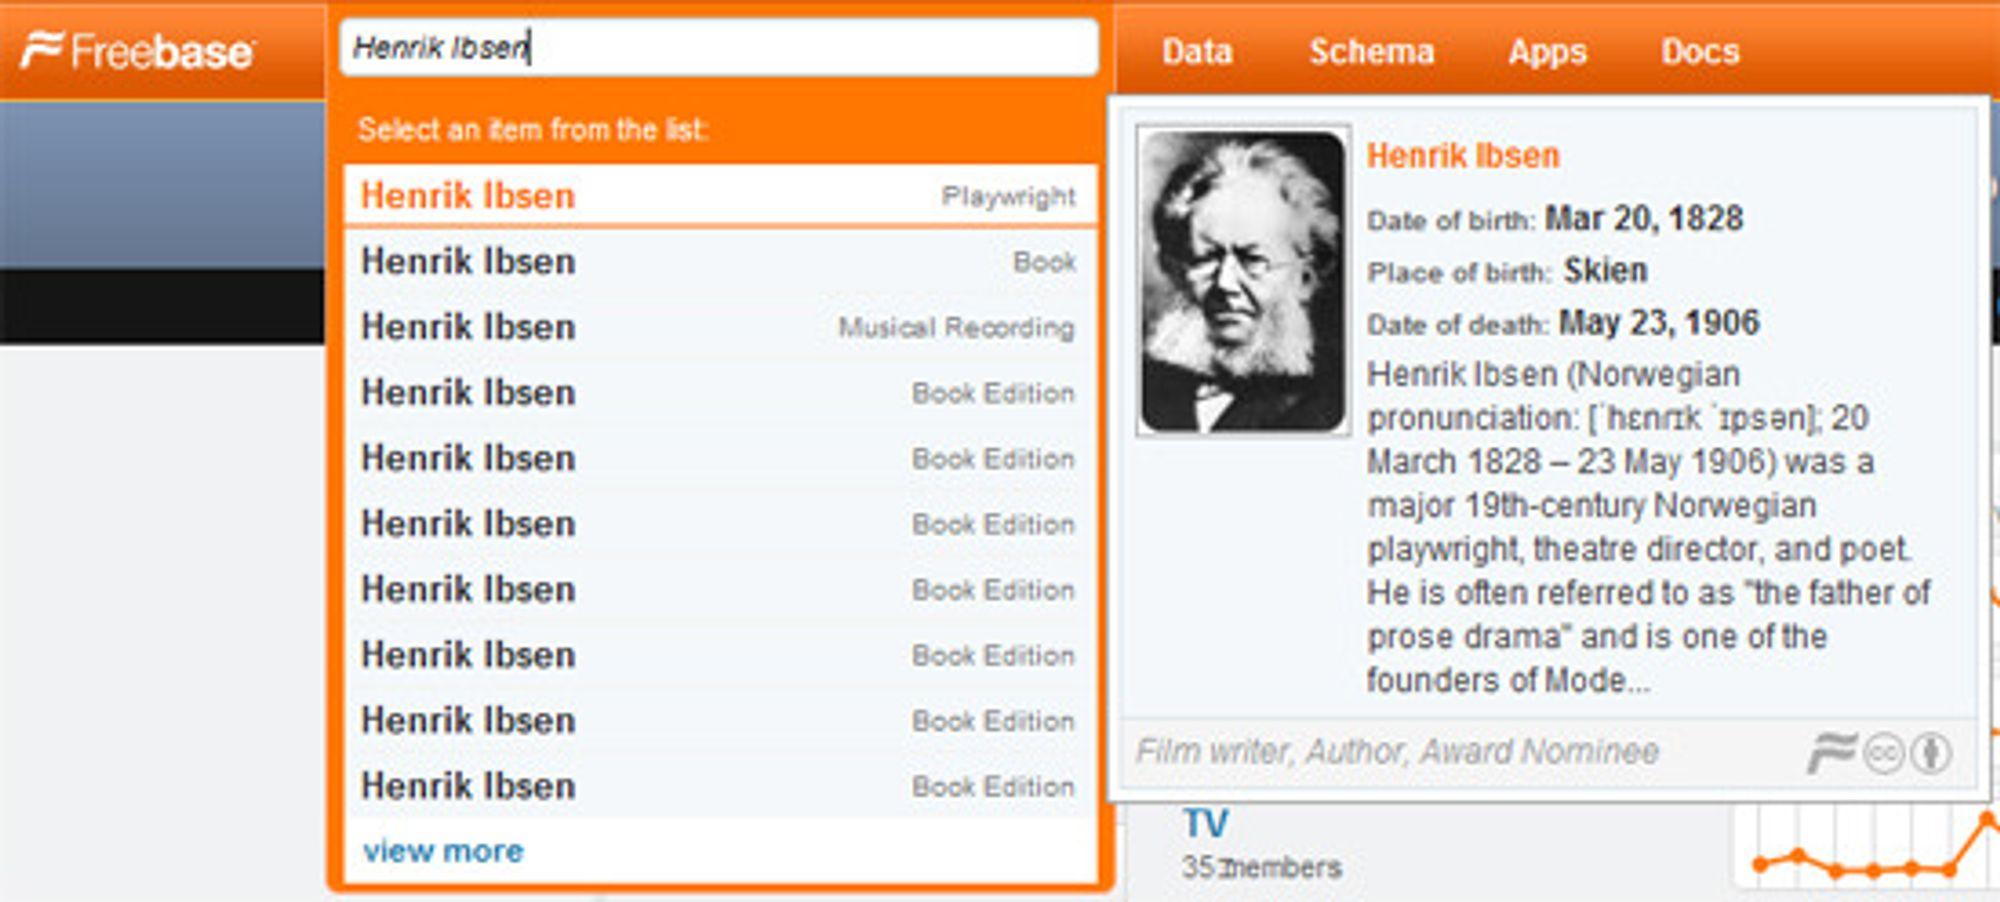 Freebase ble utviklet av Metaweb, et selskap som Google kjøpte i juli 2010. Deres tjeneste gir en pekepinn på hva Googles semantiske dimensjon kan gi. Her ser man hvordan tjenesten straks skiller mellom de ulike «entitetene» som alle heter «Henrik Ibsen», som dramatikeren, en bok, et musikkspor, og ulike utgaver av boka.